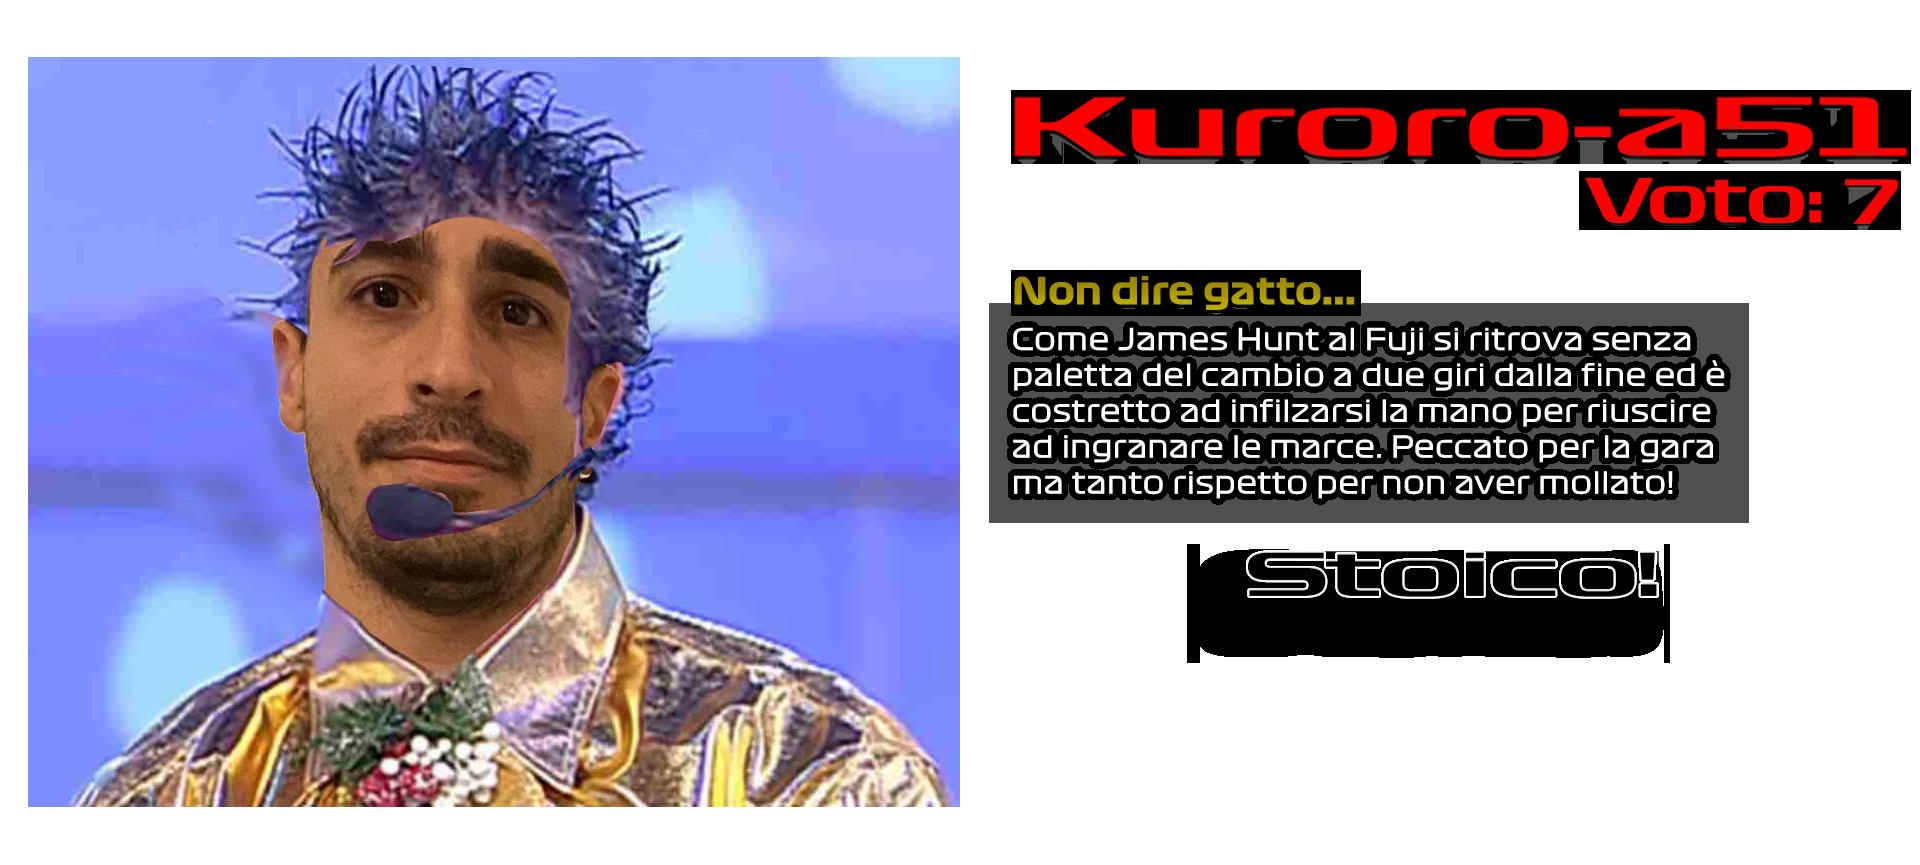 Garetta stasera random GT6-8-kuroro-png